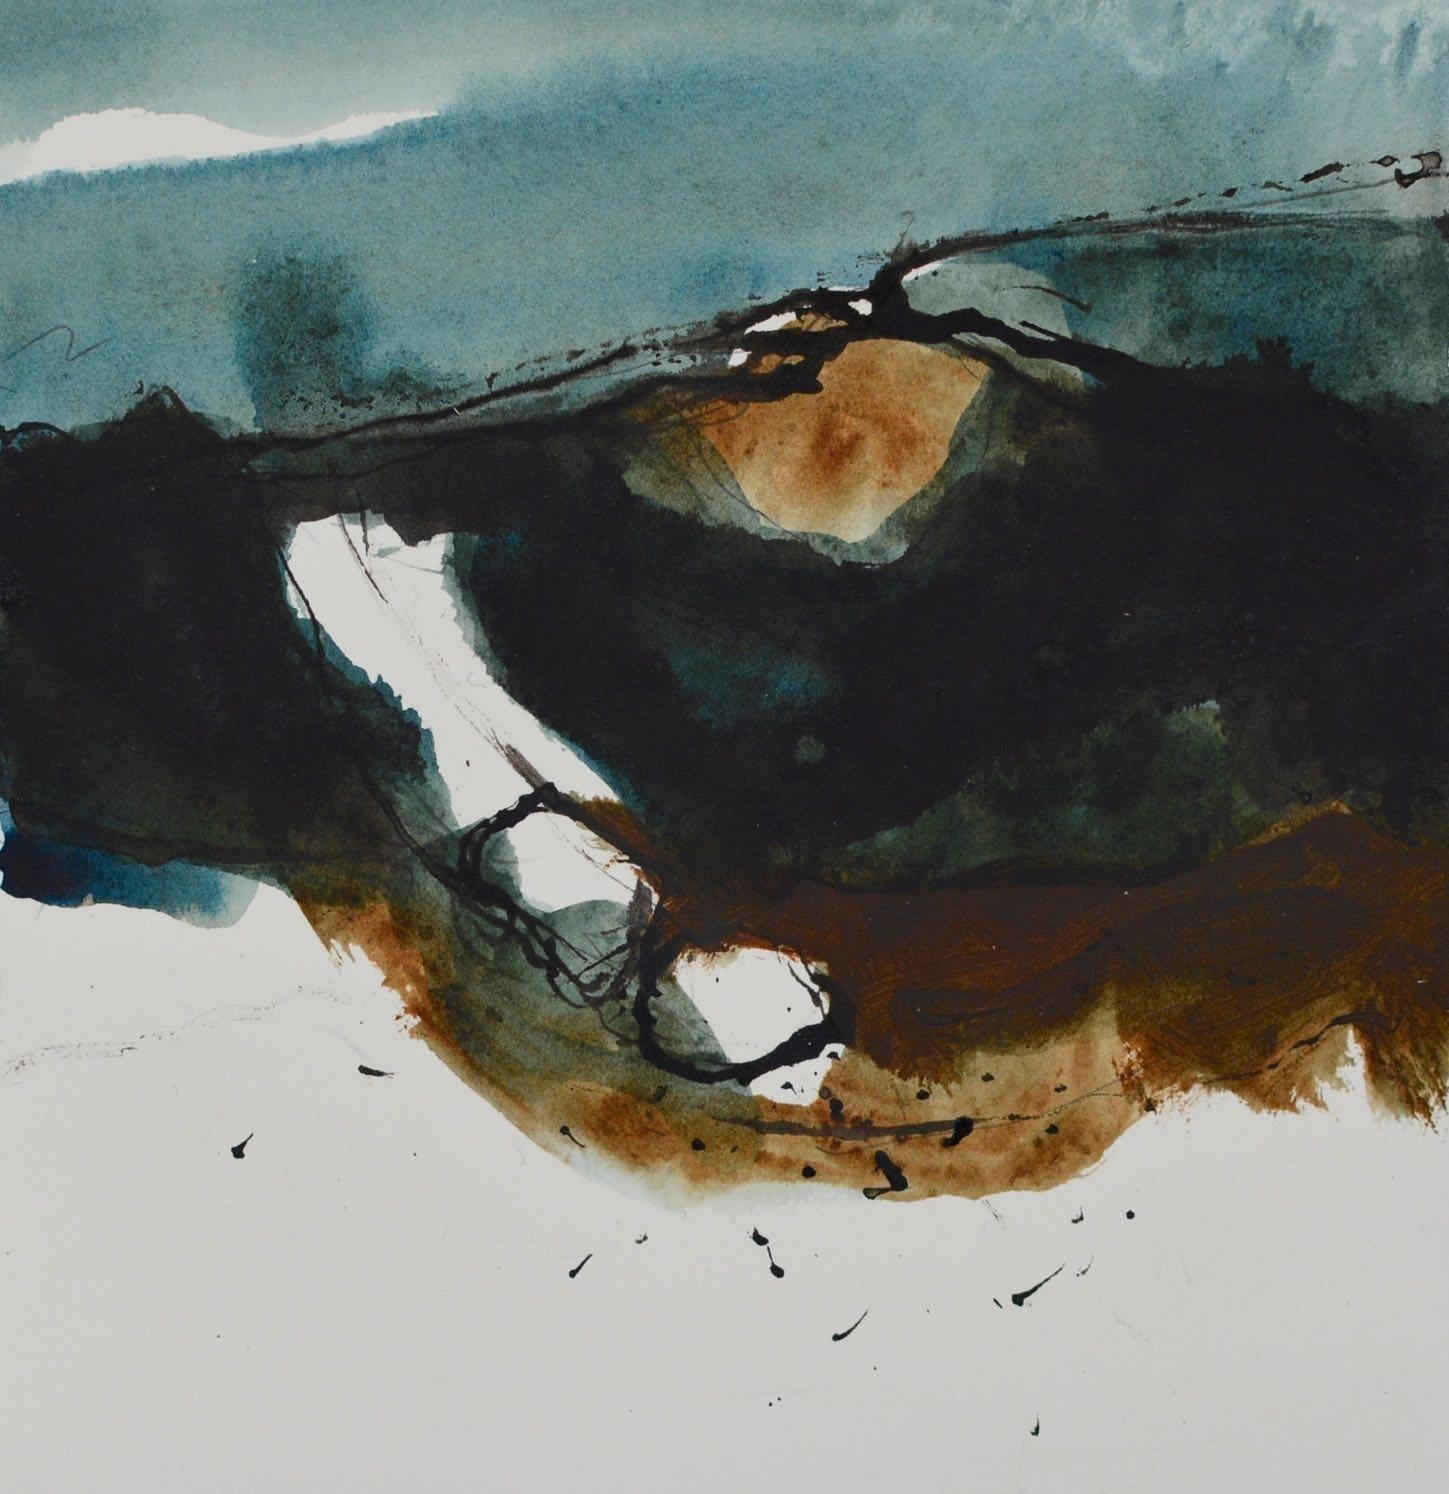 <span class=&#34;link fancybox-details-link&#34;><a href=&#34;/exhibitions/24/works/artworks_standalone10720/&#34;>View Detail Page</a></span><div class=&#34;artist&#34;><span class=&#34;artist&#34;><strong>Jim Hunter</strong></span></div><div class=&#34;title&#34;><em>West Man</em></div><div class=&#34;medium&#34;>watercolour & ink</div><div class=&#34;dimensions&#34;>38 x 36cm</div>